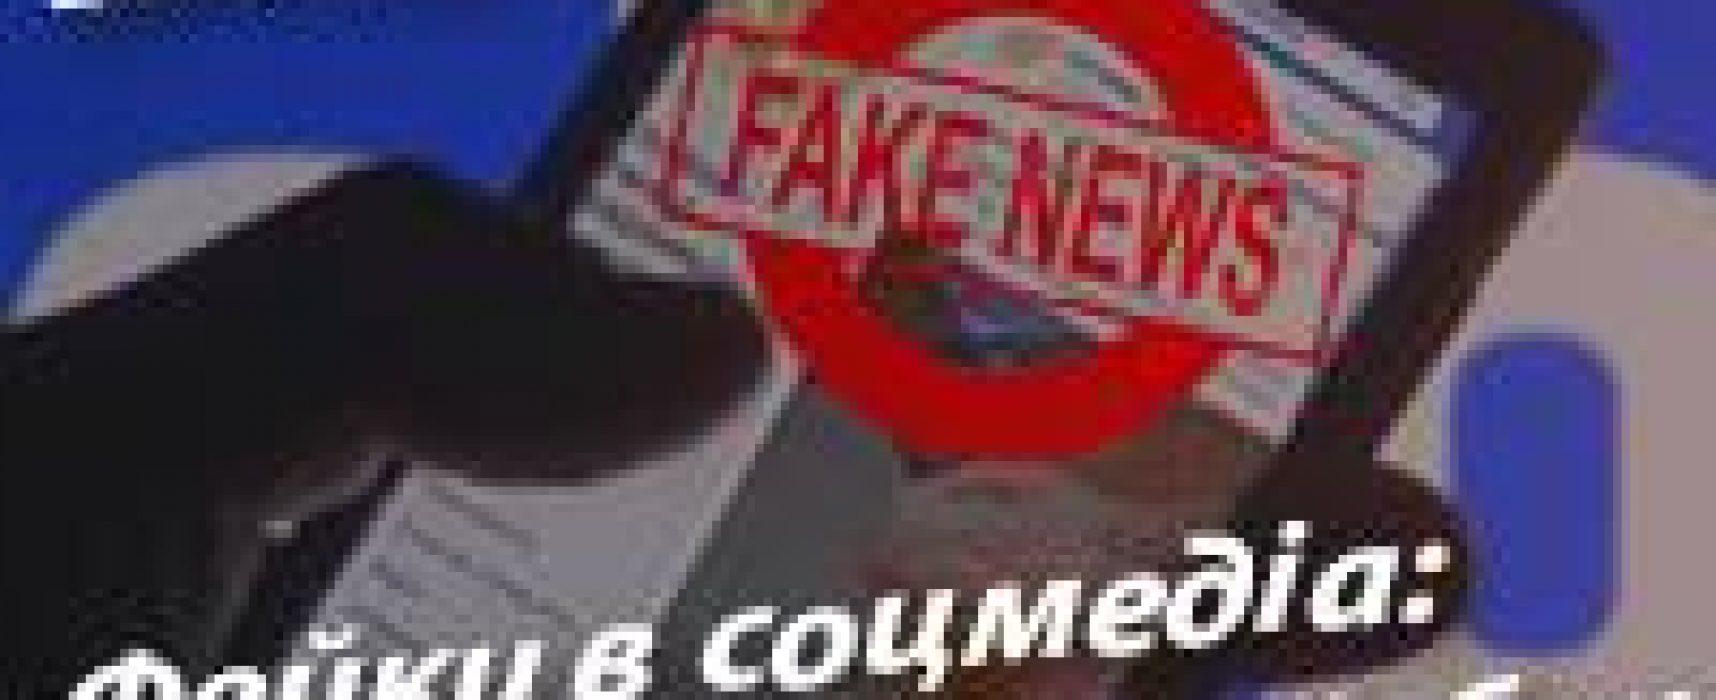 Фейки в соцмедіа: як бореться Фейсбук і активісти – StopFake.org